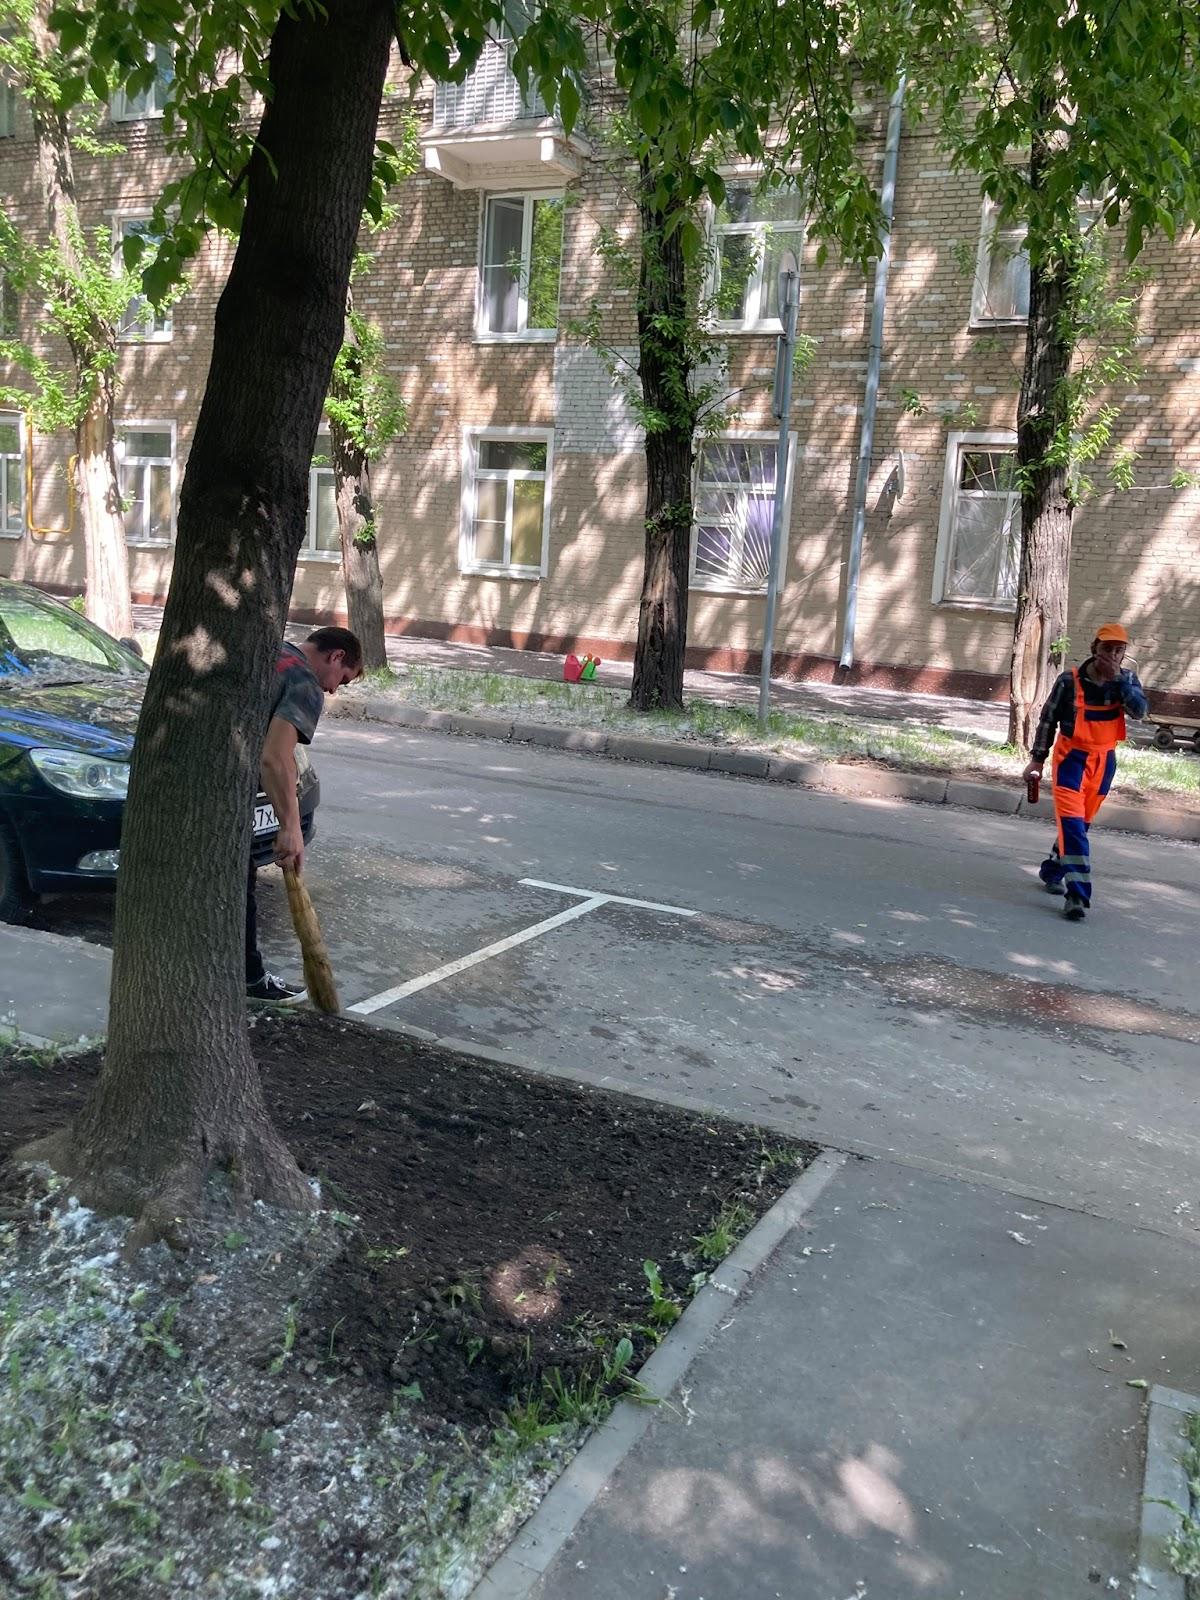 Возможно, это изображение (один или несколько человек, люди стоят, на открытом воздухе и дерево)